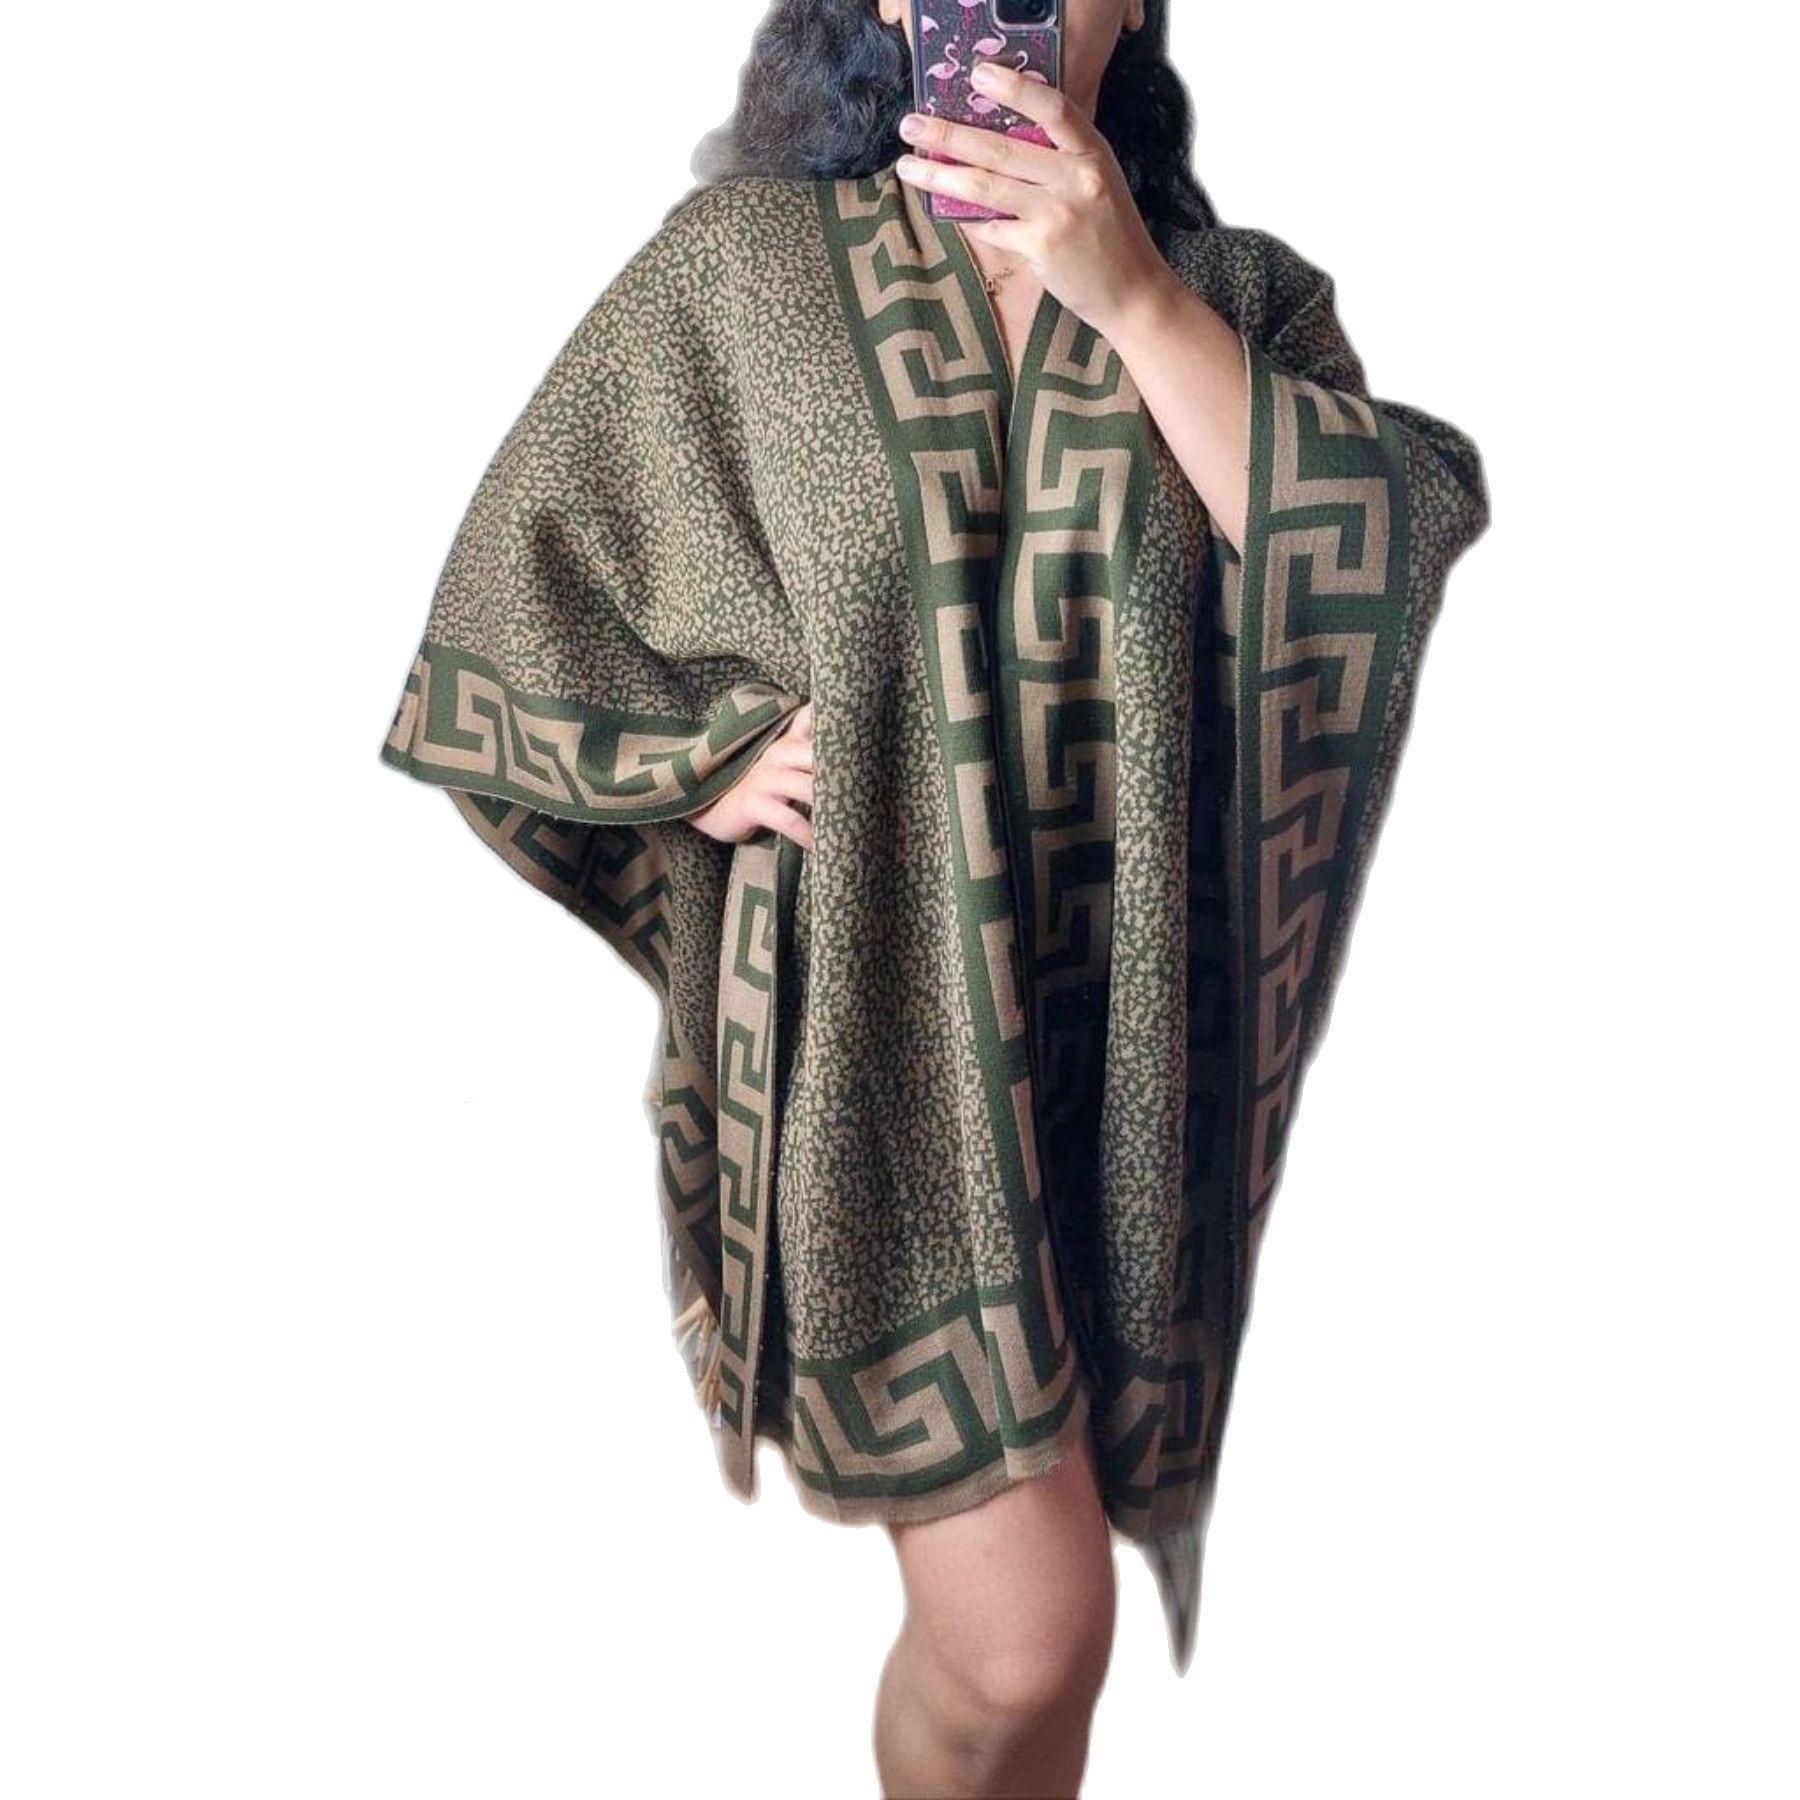 منقوشة المرأة Pancho ماكسي شال قطعة واحدة سميكة حجم كبير الخفافيش الجناح كنزة بمقاس كبير حجم واحد تركيا 2021 Fashion